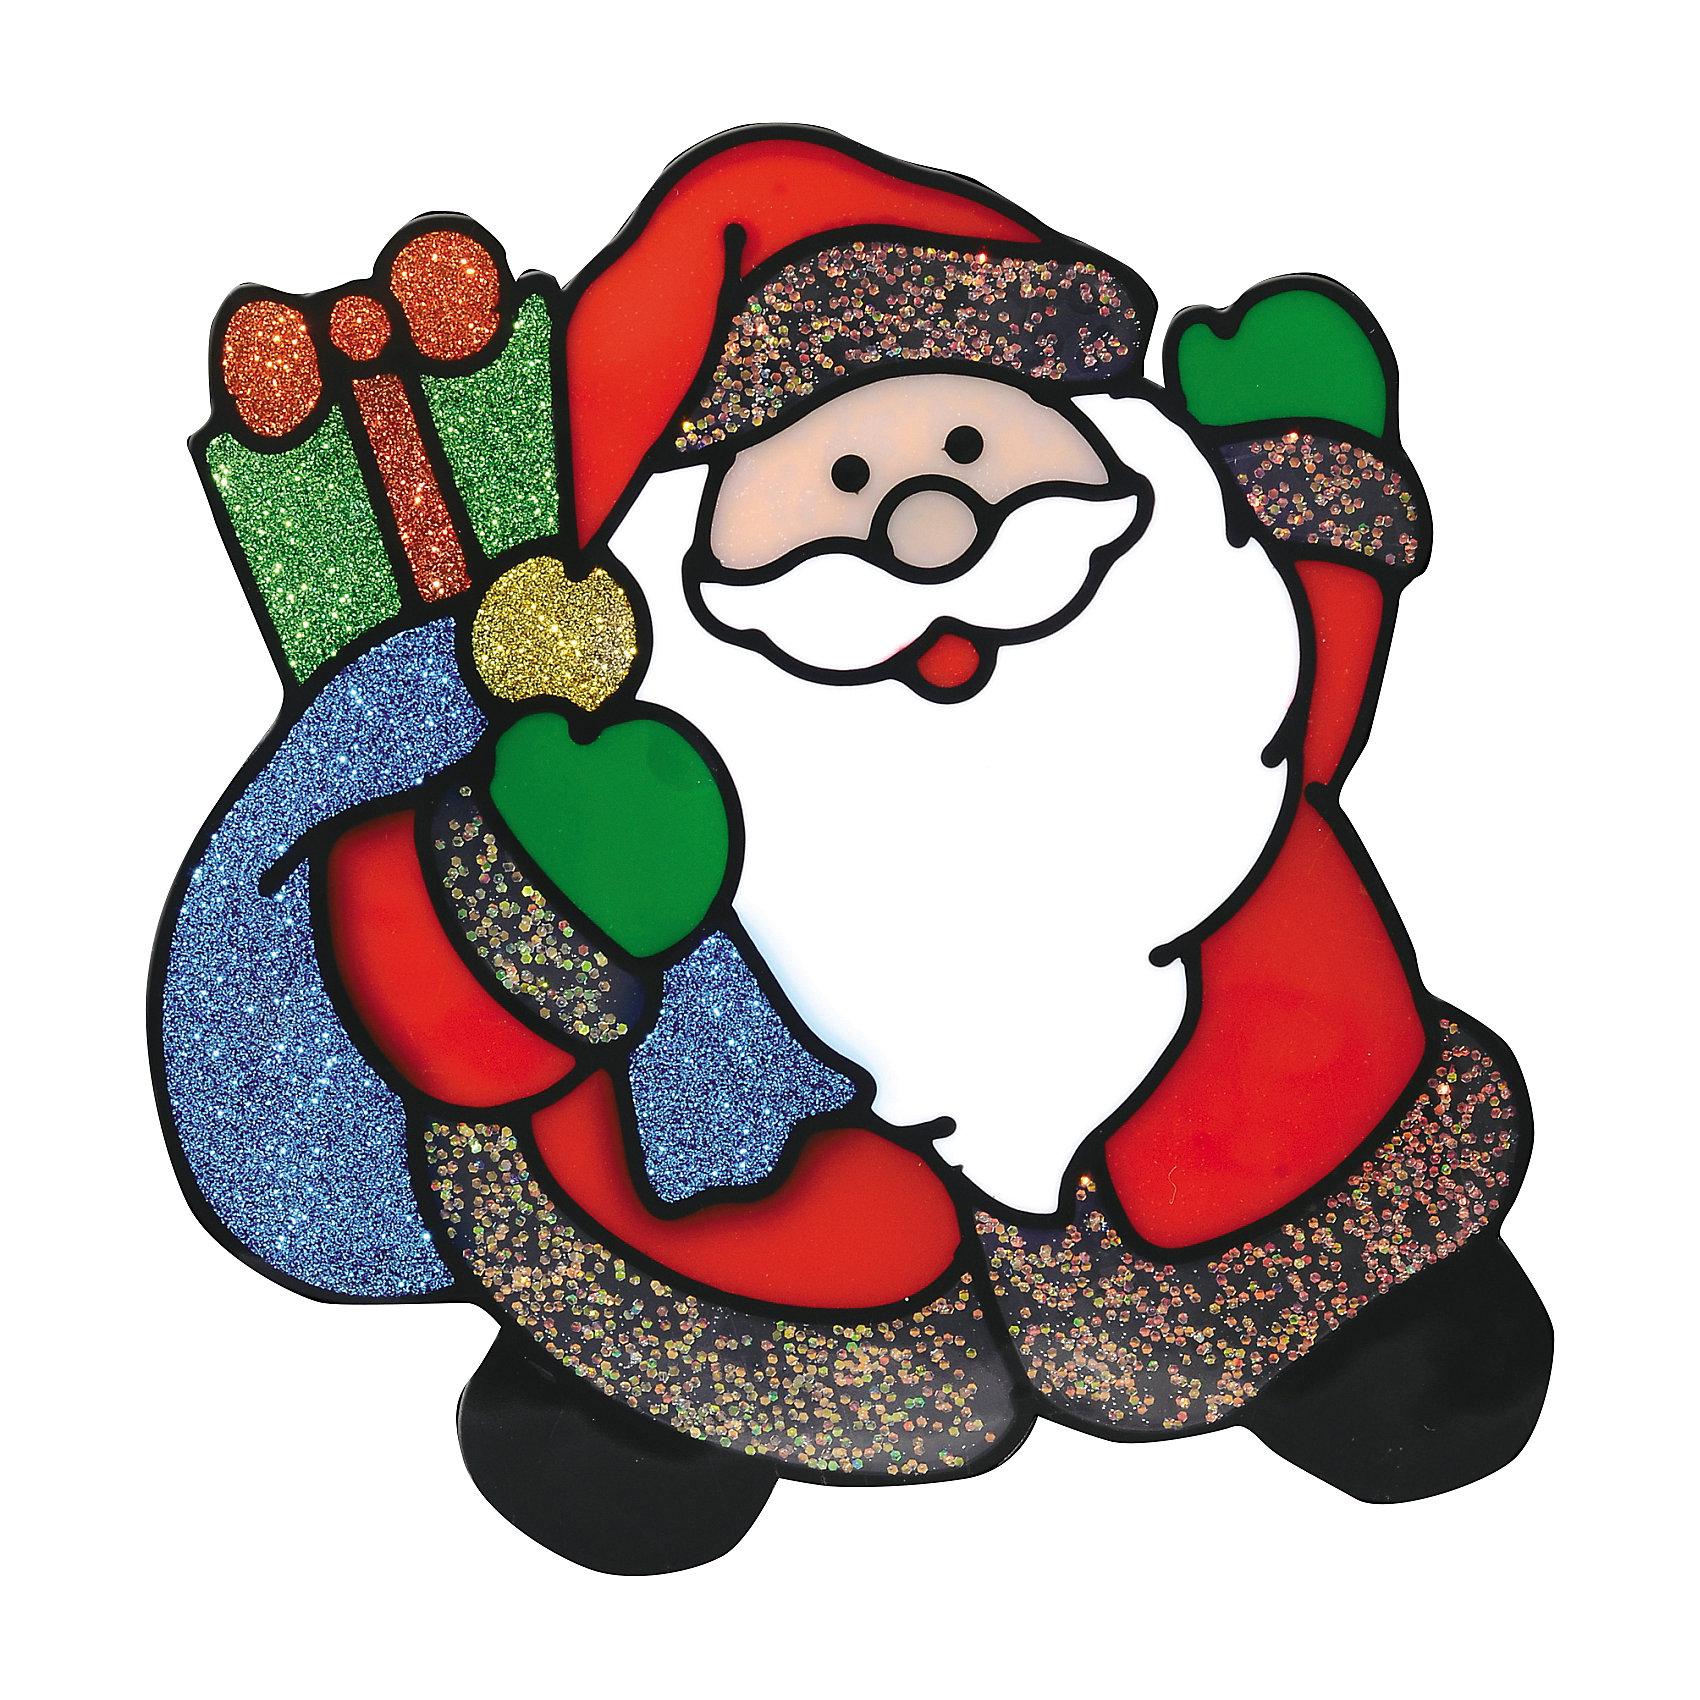 Наклейка на окно Дедушка с подарками 14,5*15,5 смНовинки Новый Год<br>Блестящая Наклейка на окно Дедушка с подарками 14,5*15,5 см с изображением веселого Деда Мороза с подарками поможет вдохнуть атмосферу новогодних праздников в Ваш дом! А с помощью нескольких наклеек на новогоднюю тематику можно составлять на стекле целые зимние картины, которые будут радовать глаз и поднимать настроение!<br><br>Дополнительная информация:<br>-Материалы: силикон, блестки<br>-Размер в упаковке: 14,5х0,5х15,5 см<br>-Вес в упаковке: 27 г<br>-Размер: 14,5х15,5 см<br><br>Наклейка на окно Дедушка с подарками 14,5*15,5 см можно купить в нашем магазине.<br><br>Ширина мм: 145<br>Глубина мм: 5<br>Высота мм: 155<br>Вес г: 27<br>Возраст от месяцев: 84<br>Возраст до месяцев: 2147483647<br>Пол: Унисекс<br>Возраст: Детский<br>SKU: 4286718